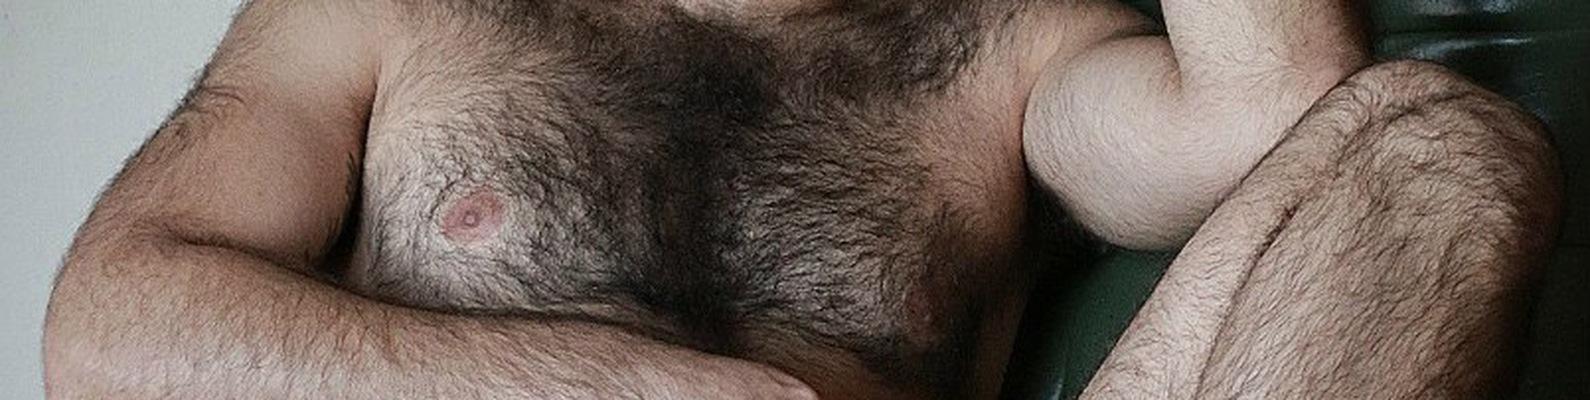 Усатые волосатые геи медведи 40 45 лет смотреть бесплатно